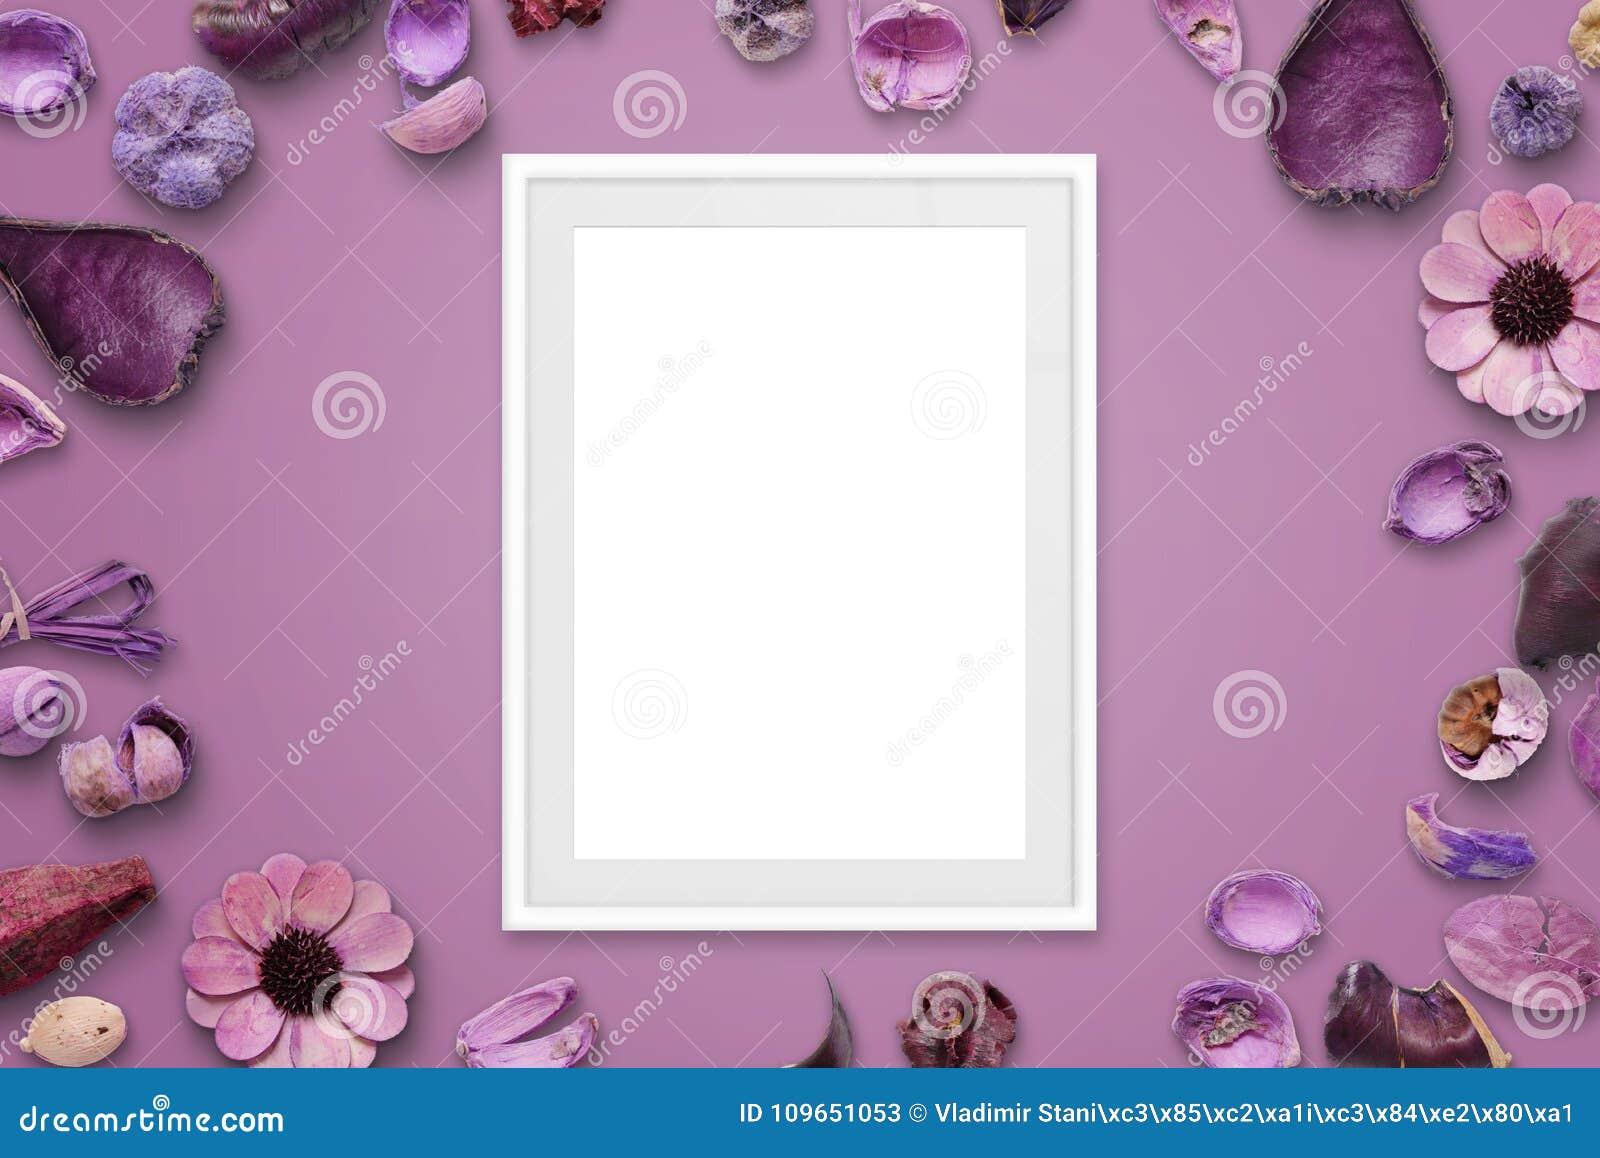 Moldura para retrato branca no fundo cor-de-rosa cercado com decorações da flor